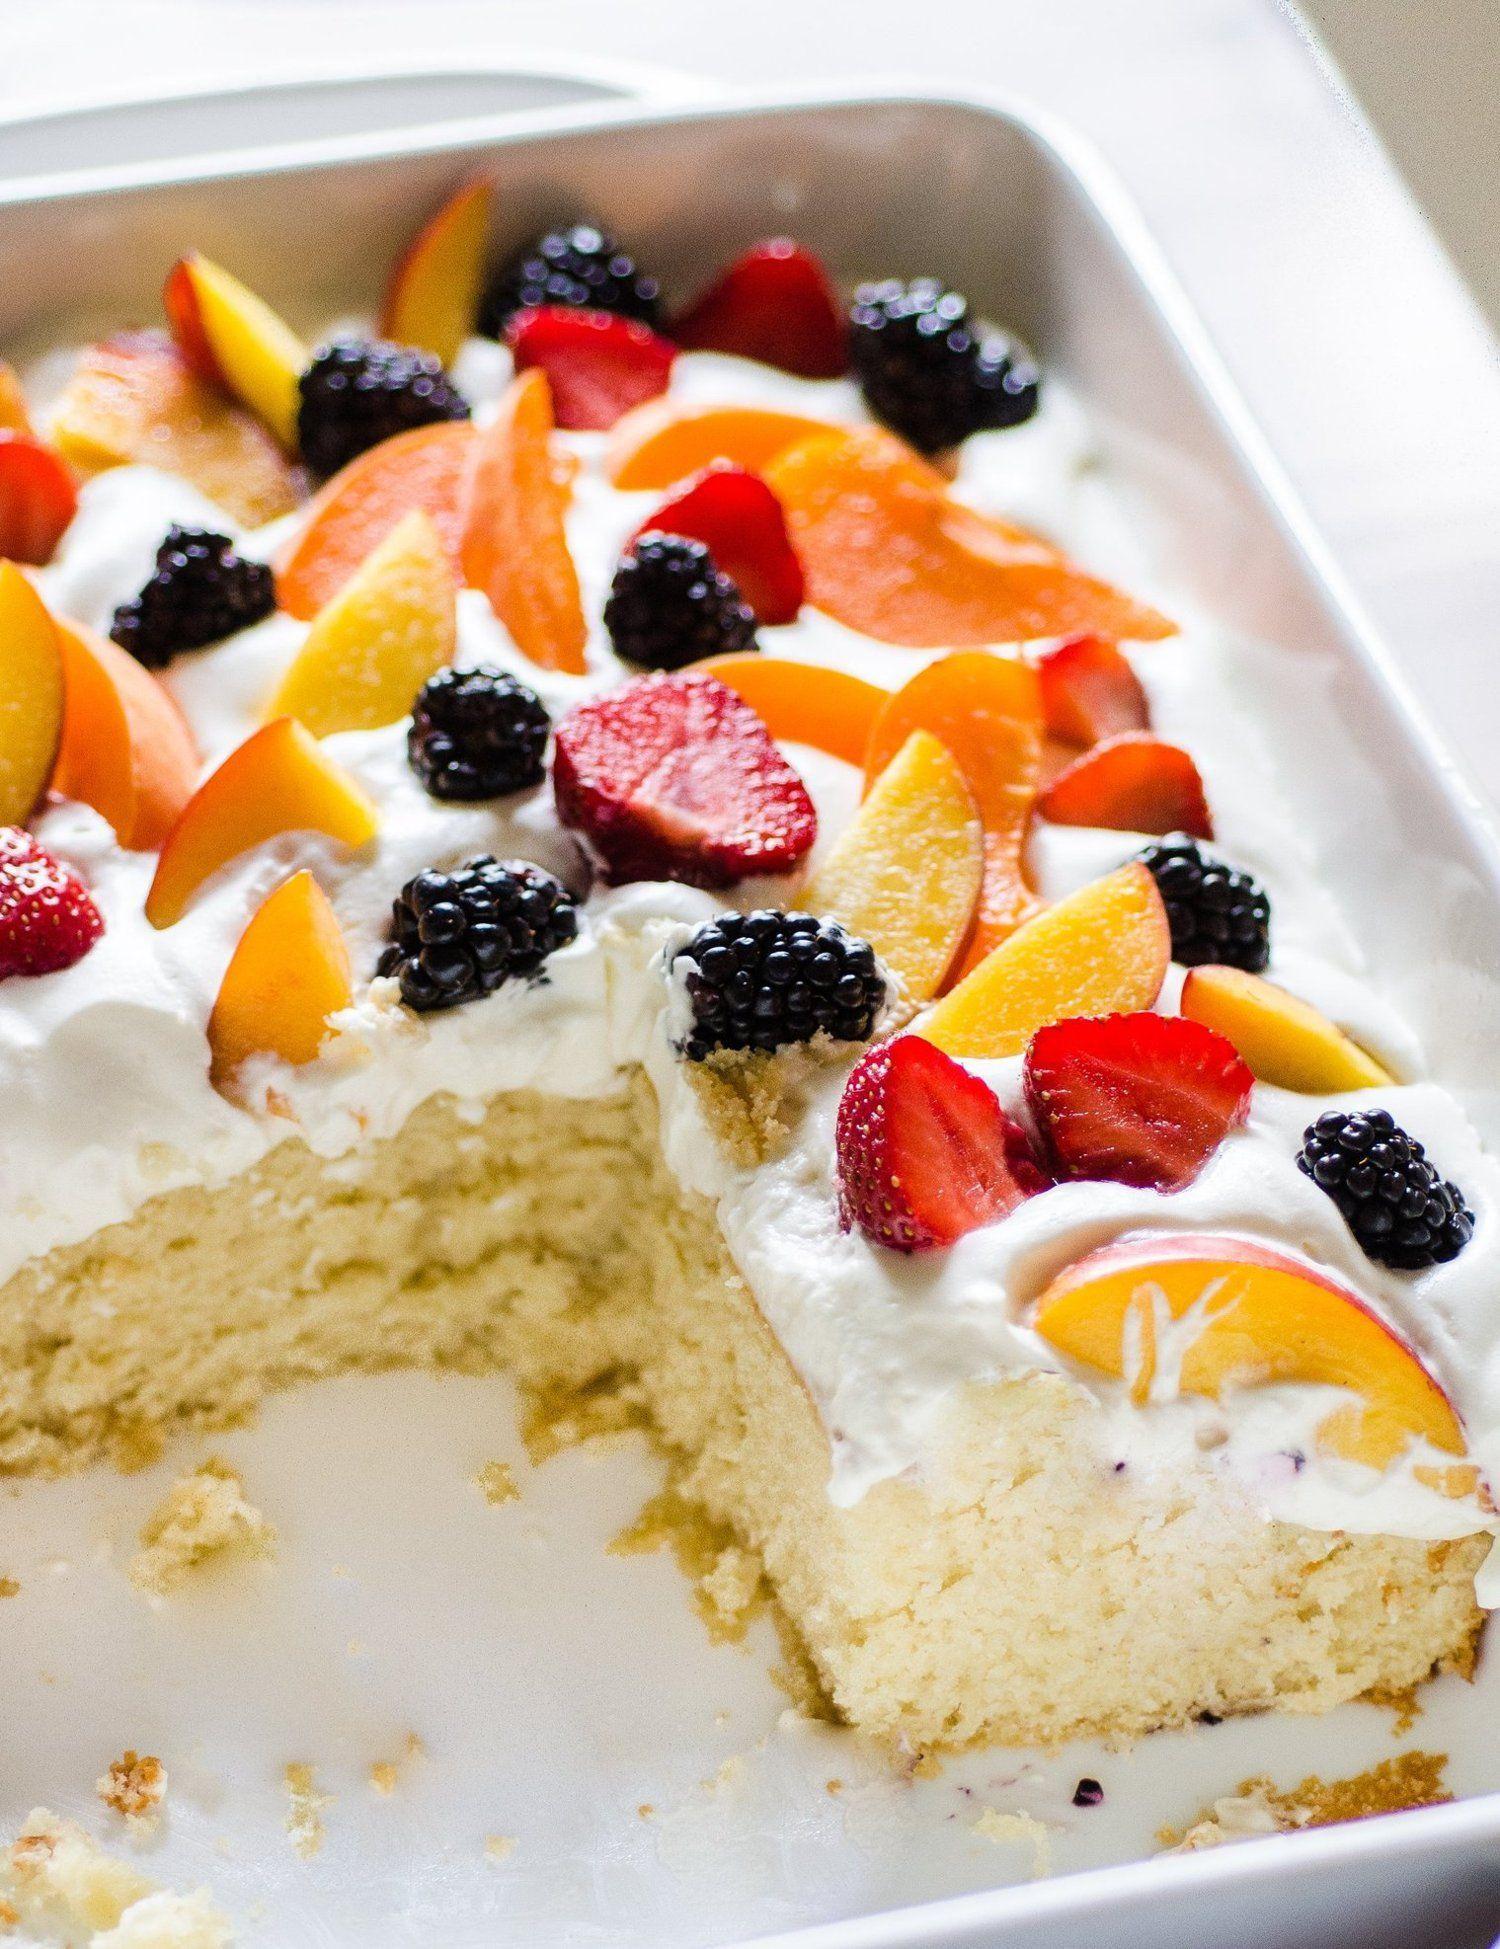 Easy Summer Fruit Desserts  Recipe Easy Summer Cake with Fruit & Cream — Dessert